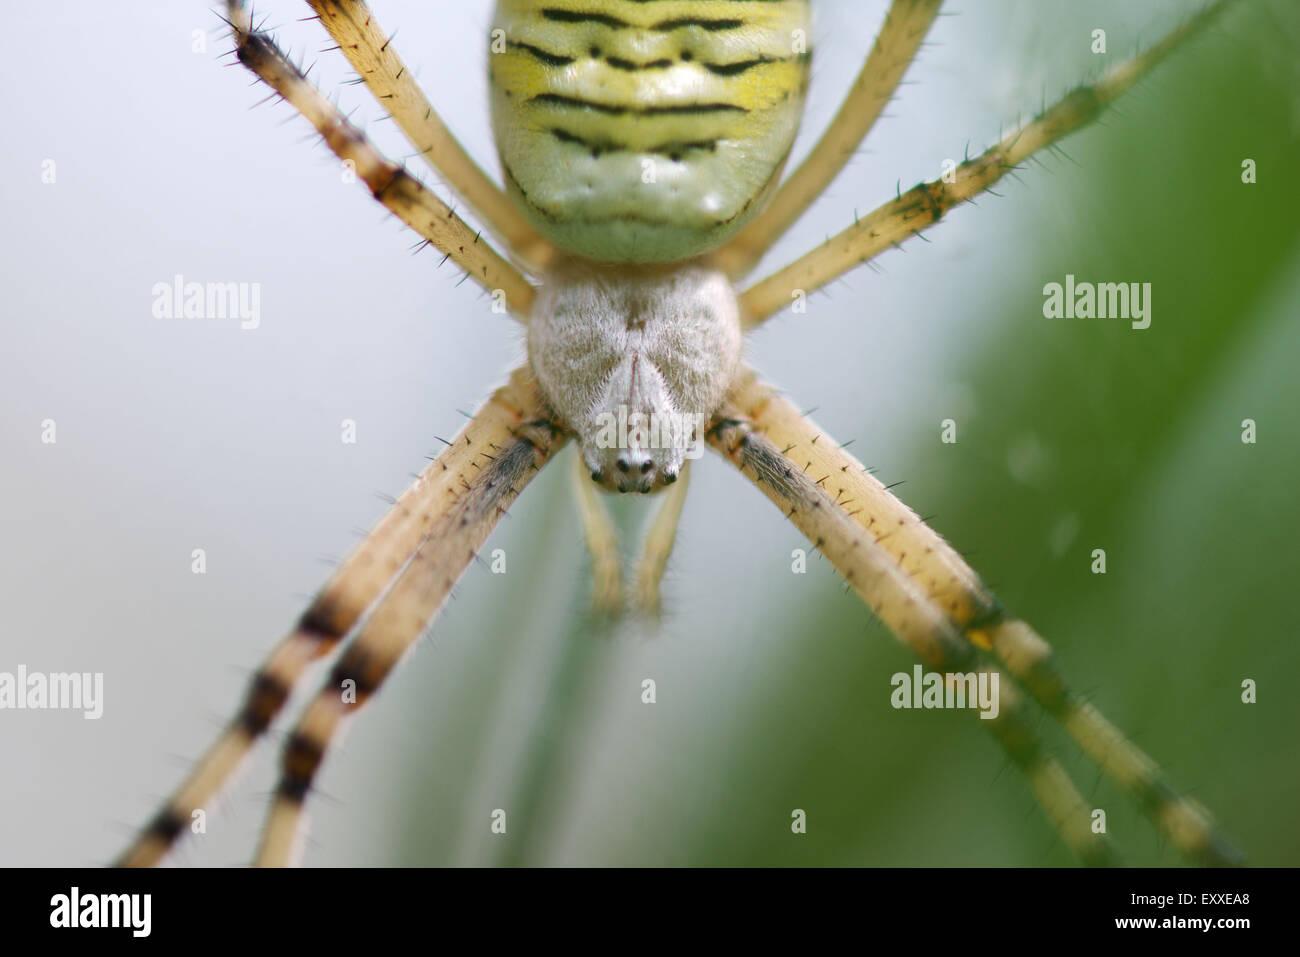 Spider argiope bagués (Argiope trifasciata), close-up Banque D'Images